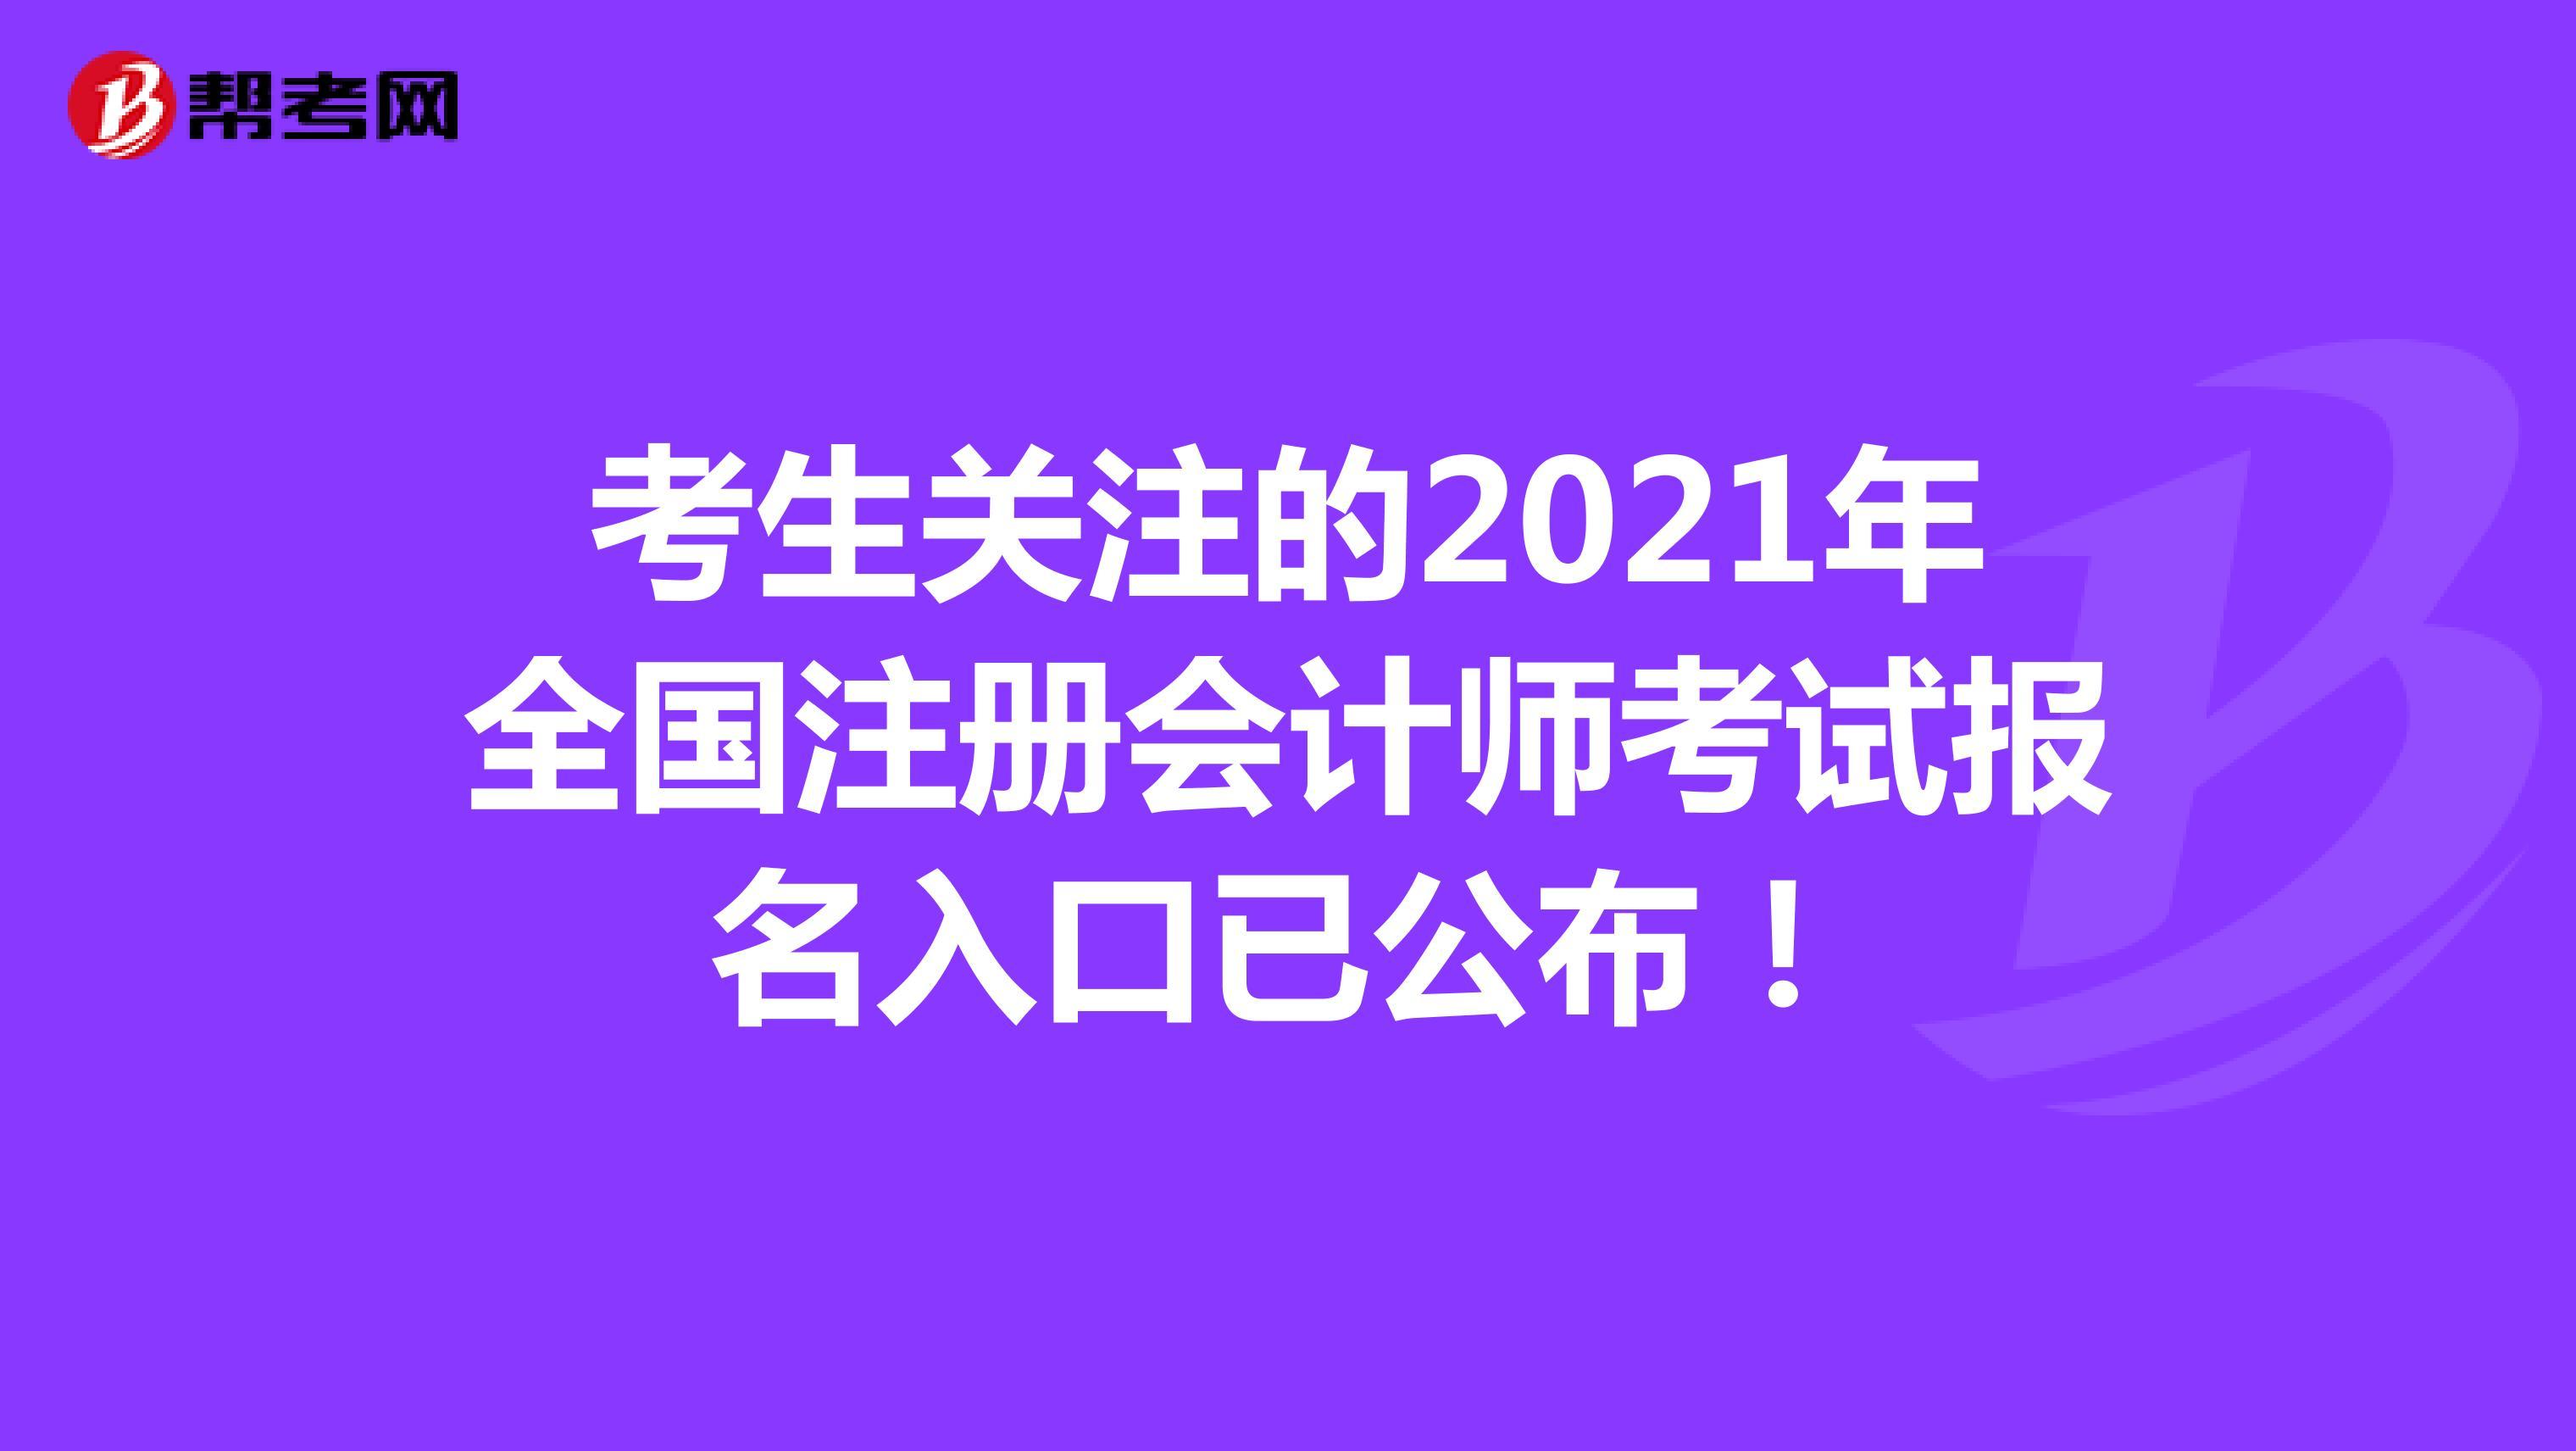 考生關注的2021年全國注冊會計師考試報名入口已公布!